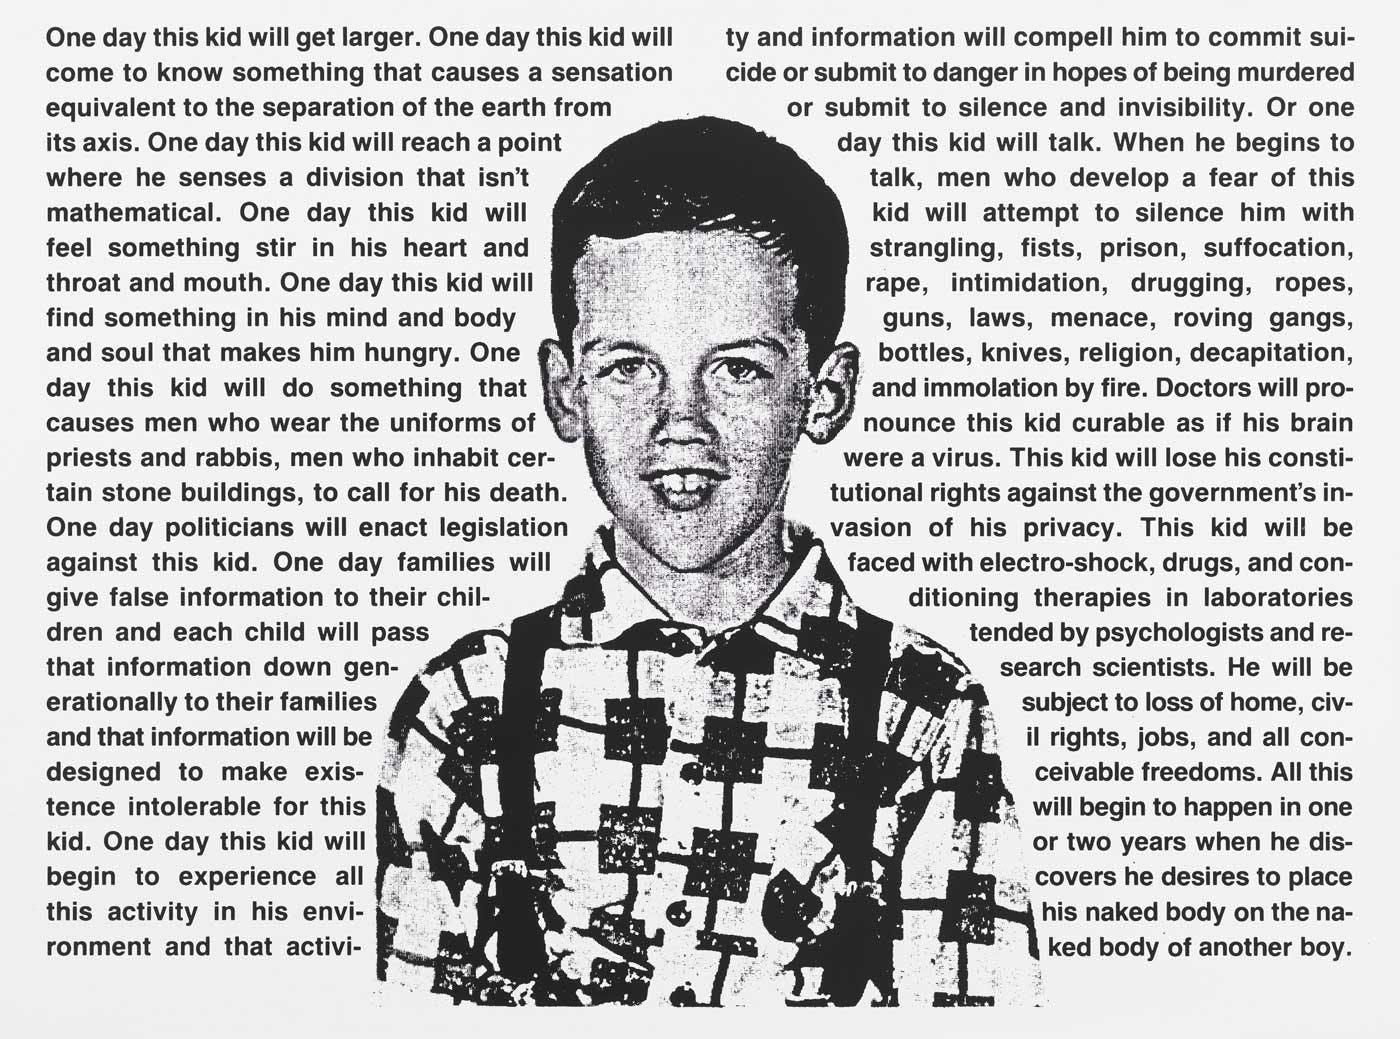 """David Wojnarowicz, """"One Day This Kid..."""", New York, 1990"""